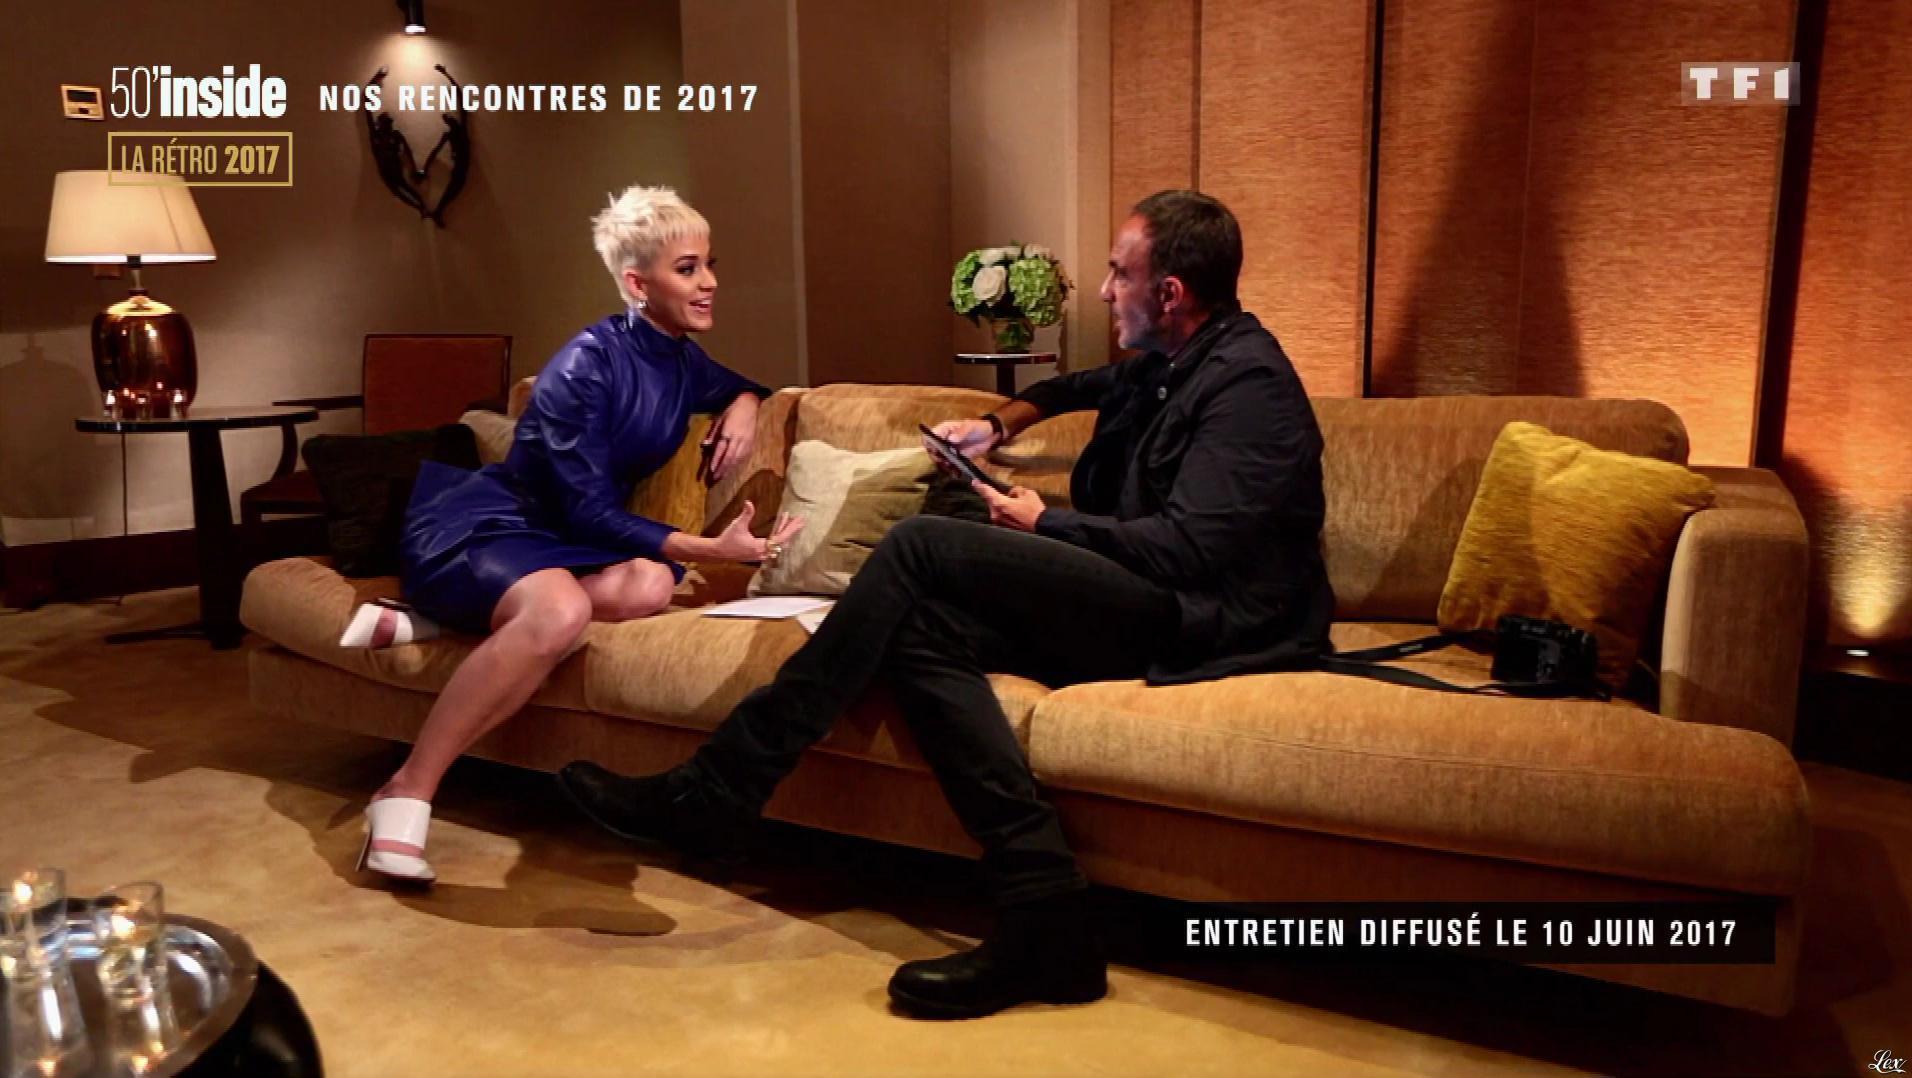 Katy Perry dans 50 Minutes Inside. Diffusé à la télévision le 30/12/17.